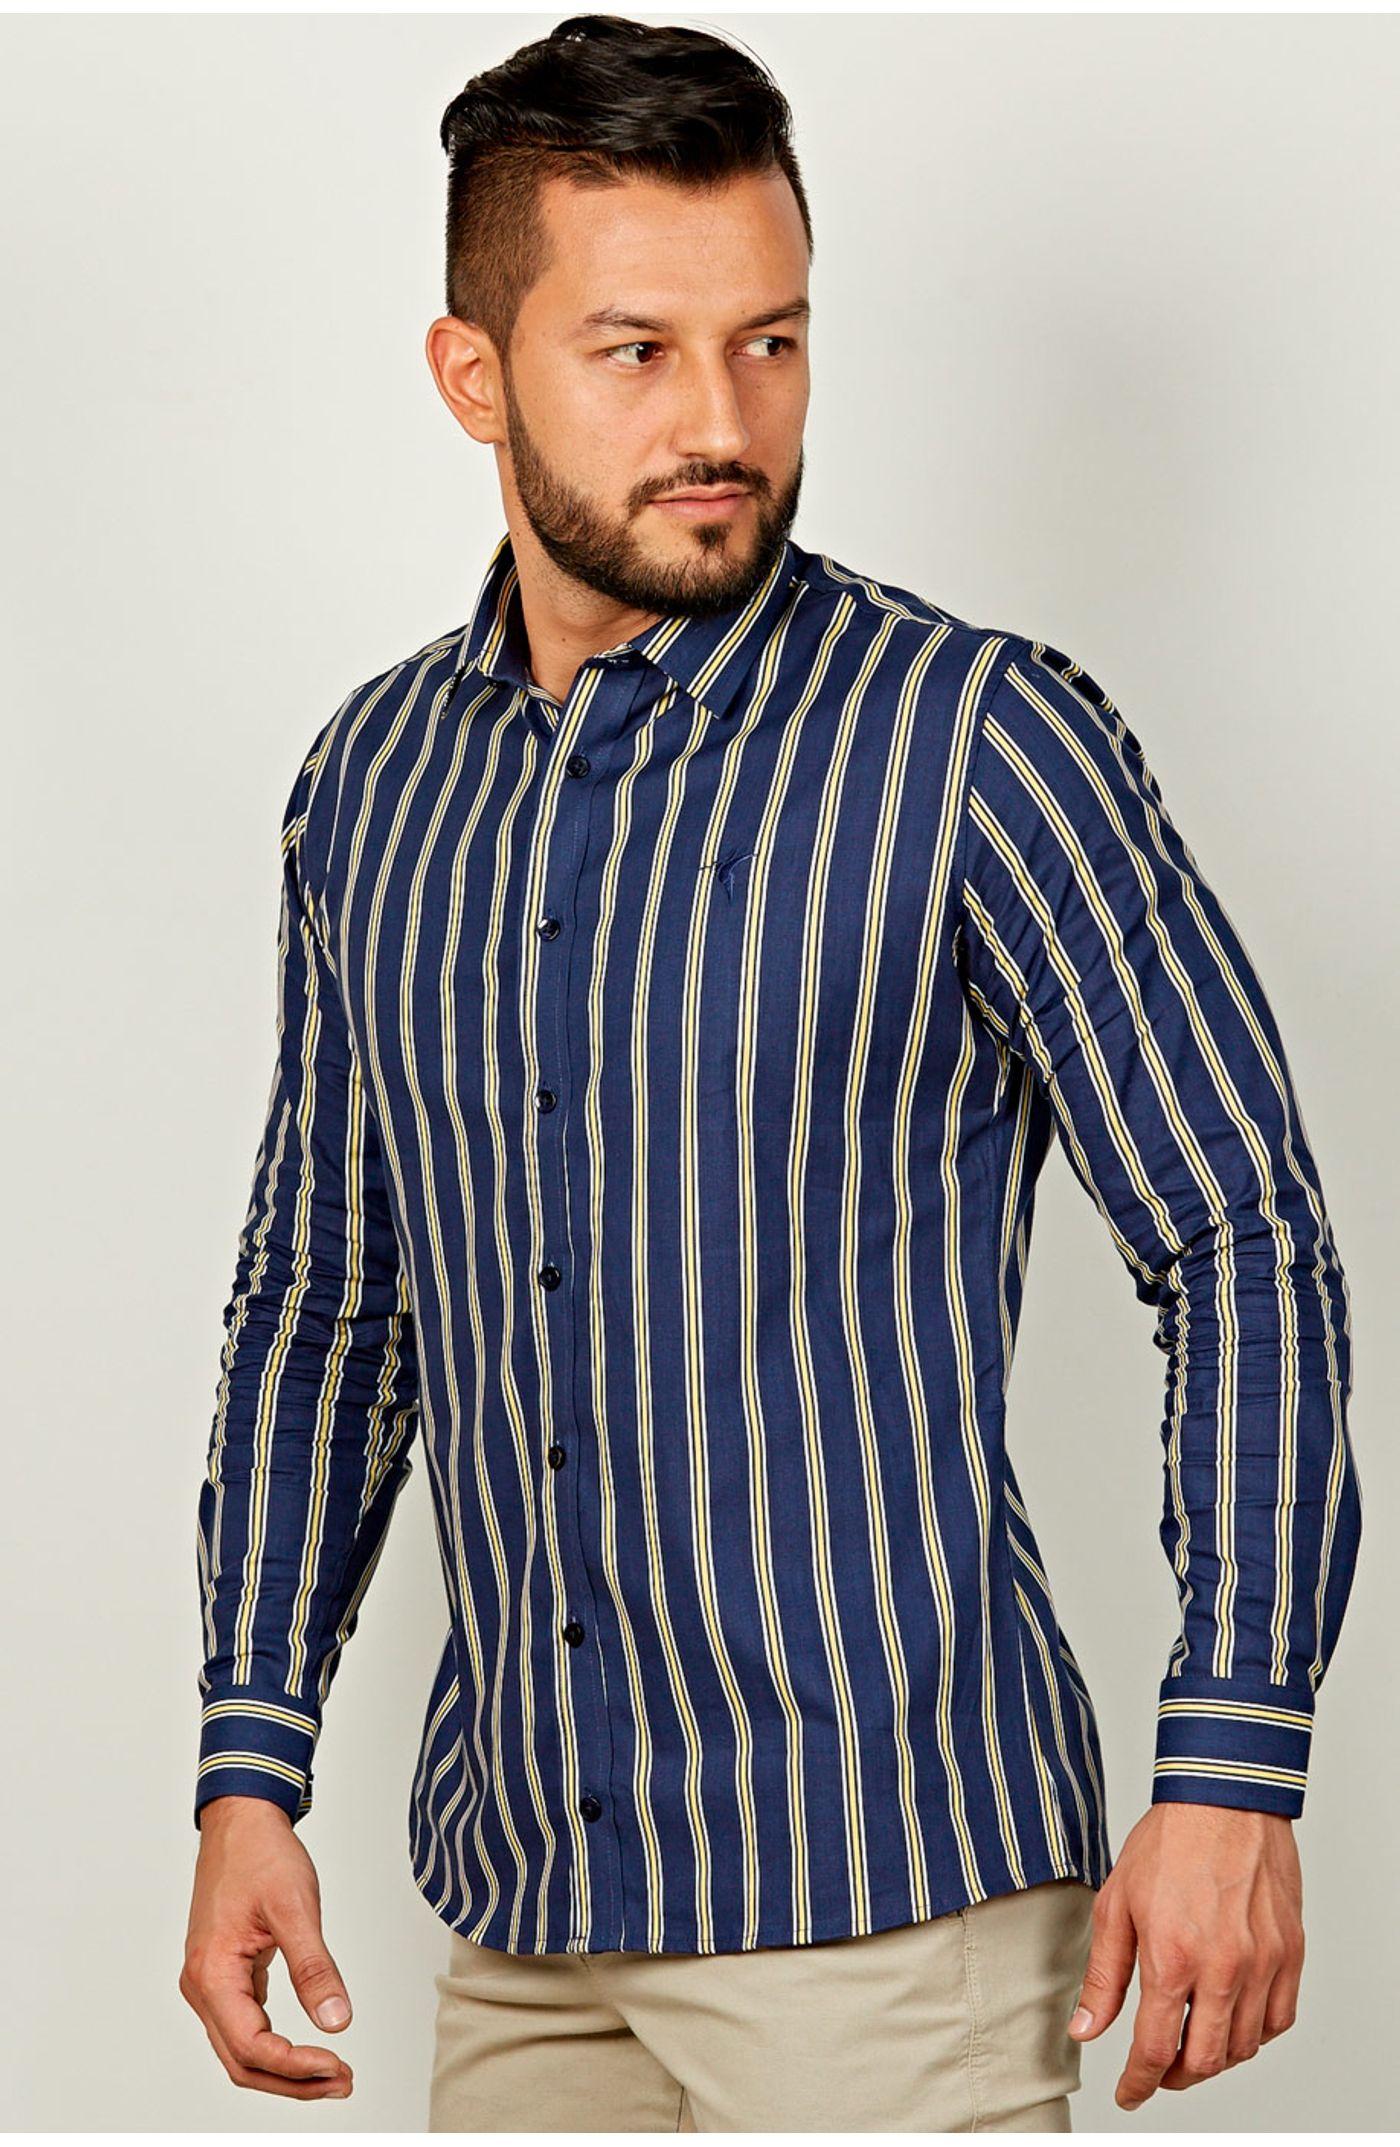 4743701e34 Camisa manga larga slim fit estampado rayas CMSH083-4406 - Ropa Kalendar